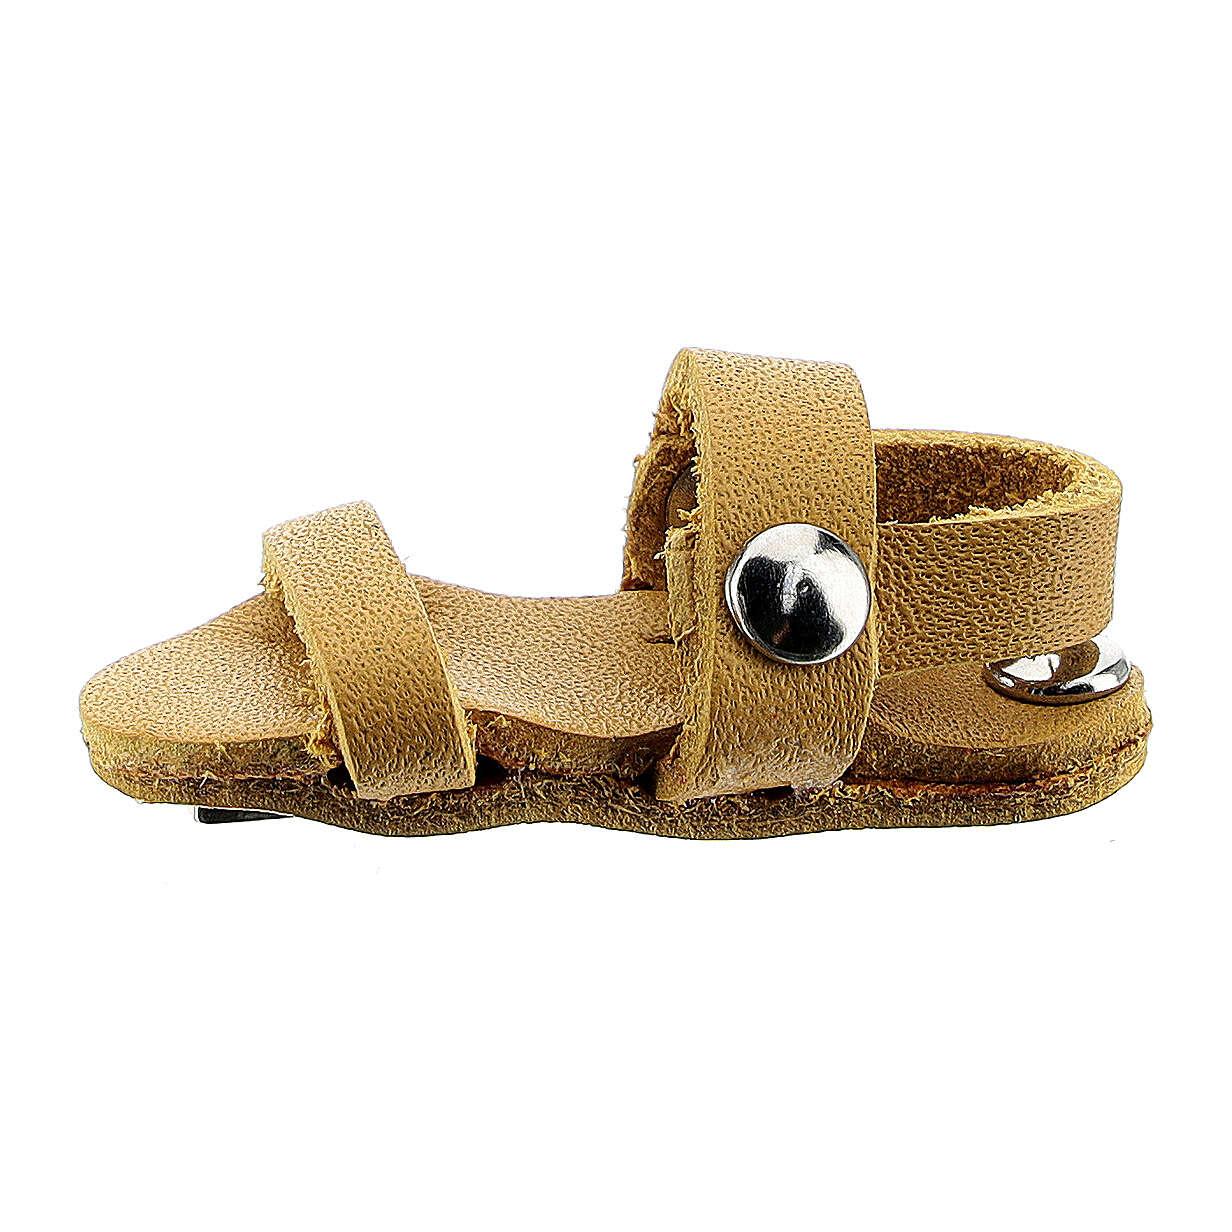 Aimant sandale moine miniature en cuir véritable jaune 3